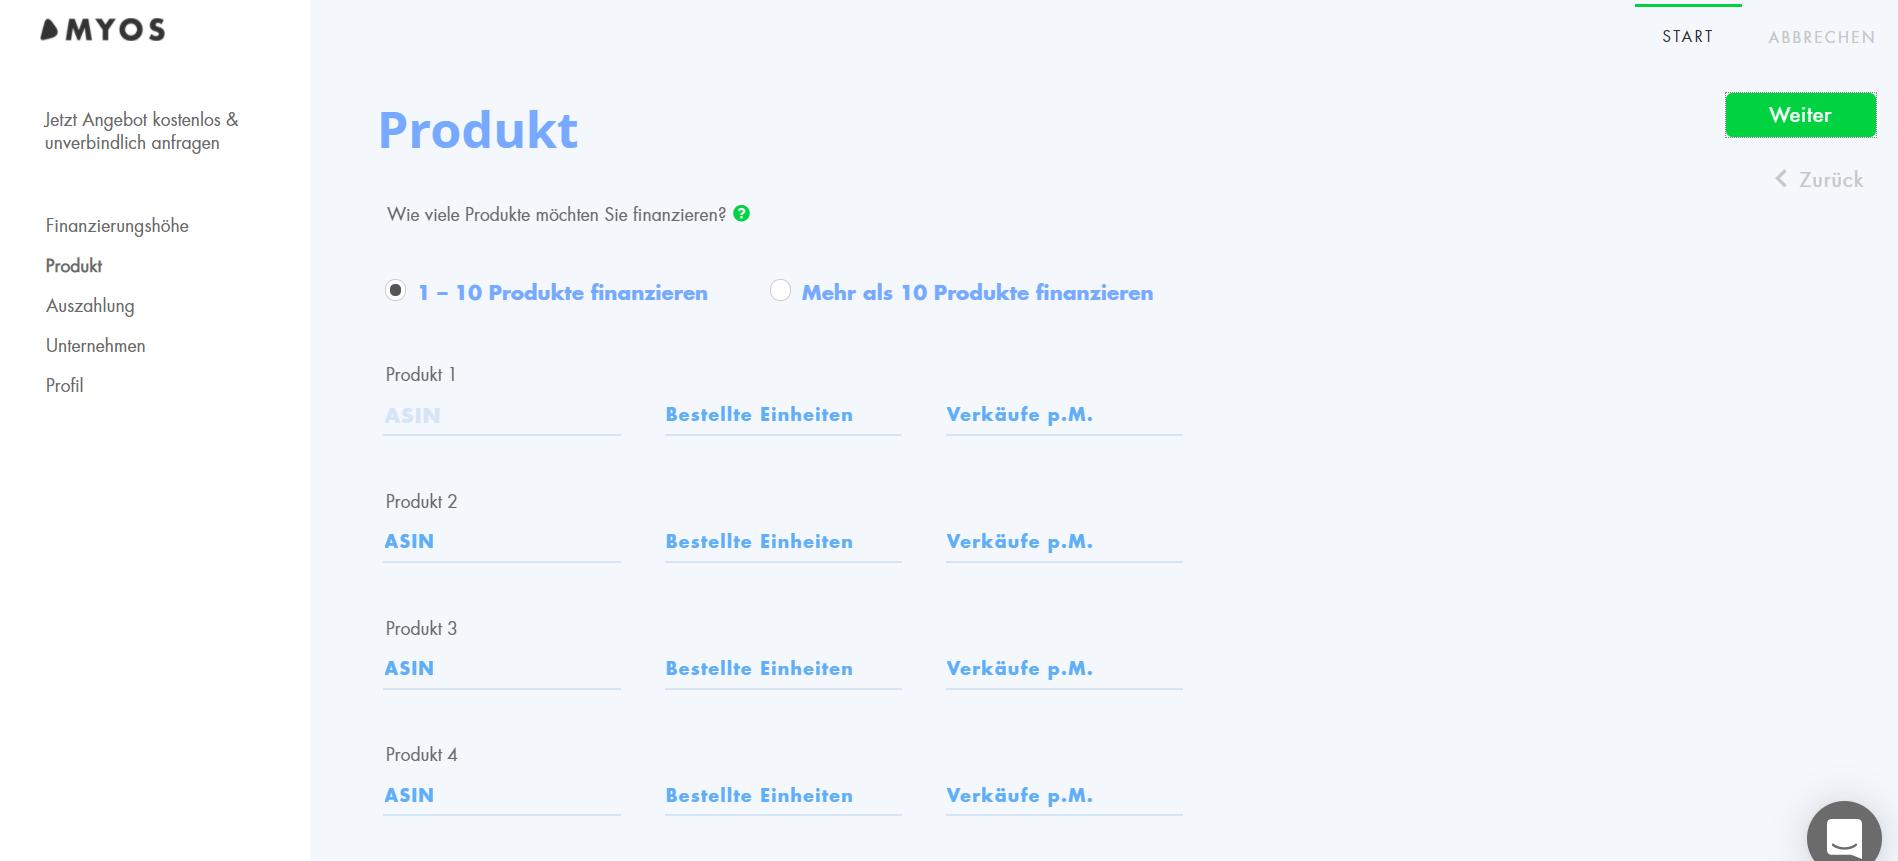 Myos App mit Übersicht von Produktbestellungen für Händler.